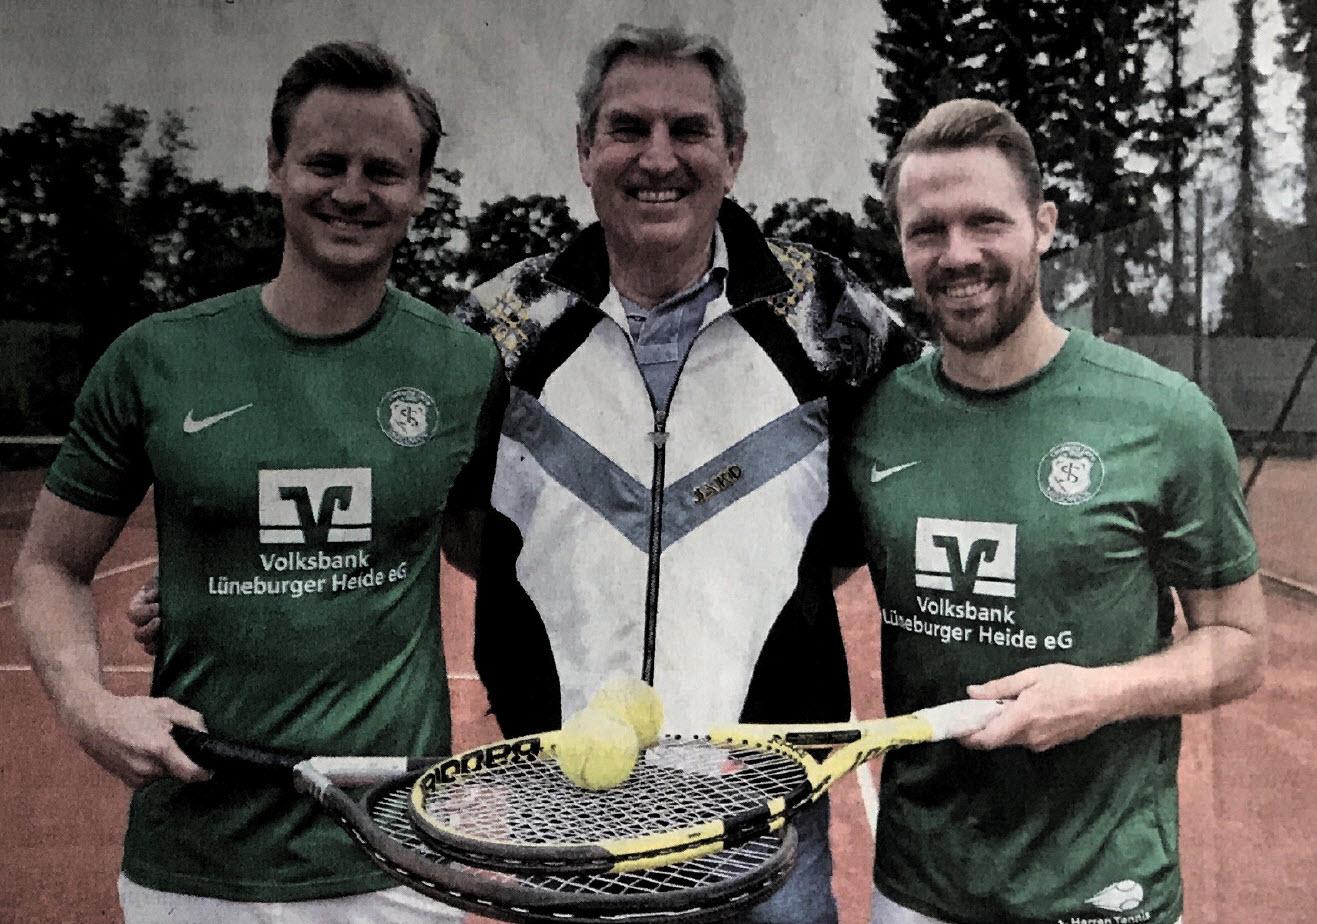 Neues Leben beim TSV Bardowick - Viele Ex-Fußballer gründen eine Tennismannschaft beim TSV Bardowick